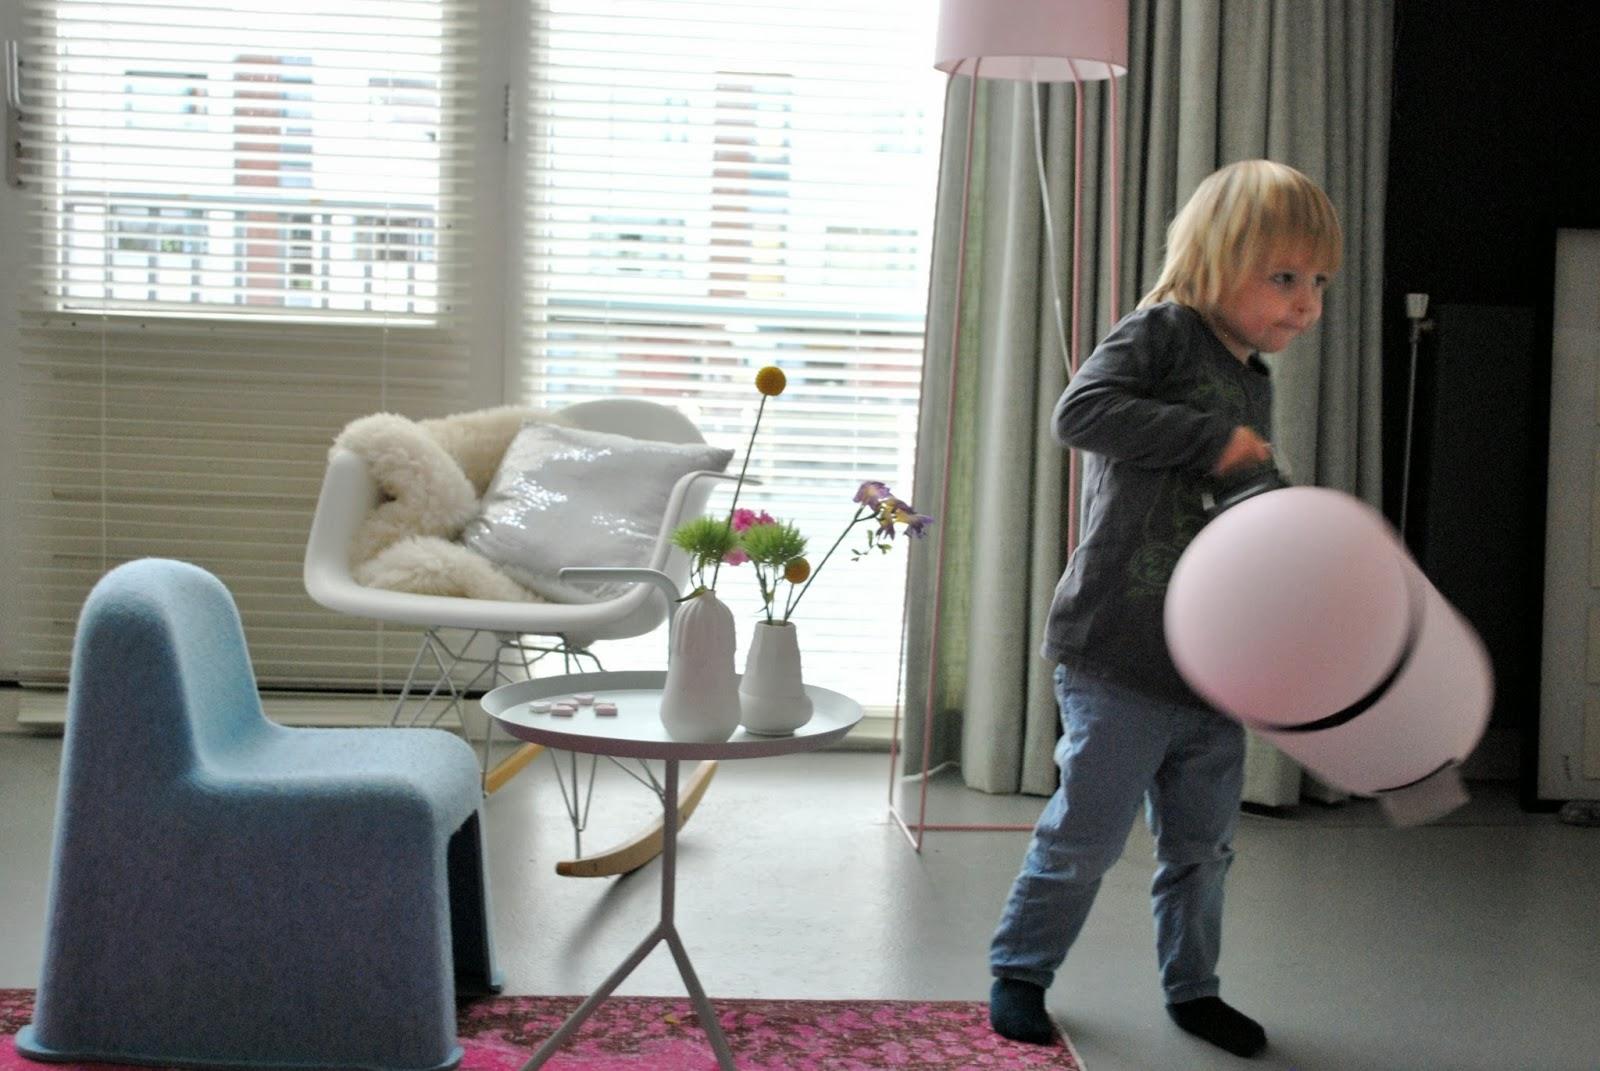 Розовый мусорный бак Brabantia 2013-14 гг. в гостиной